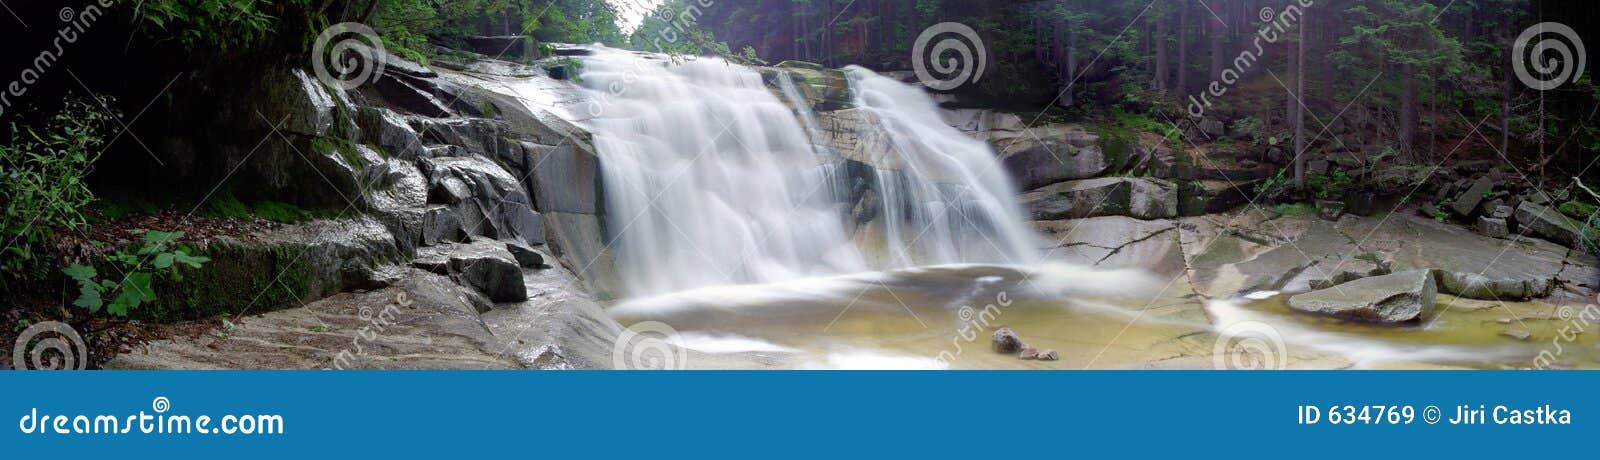 водопад mumlava